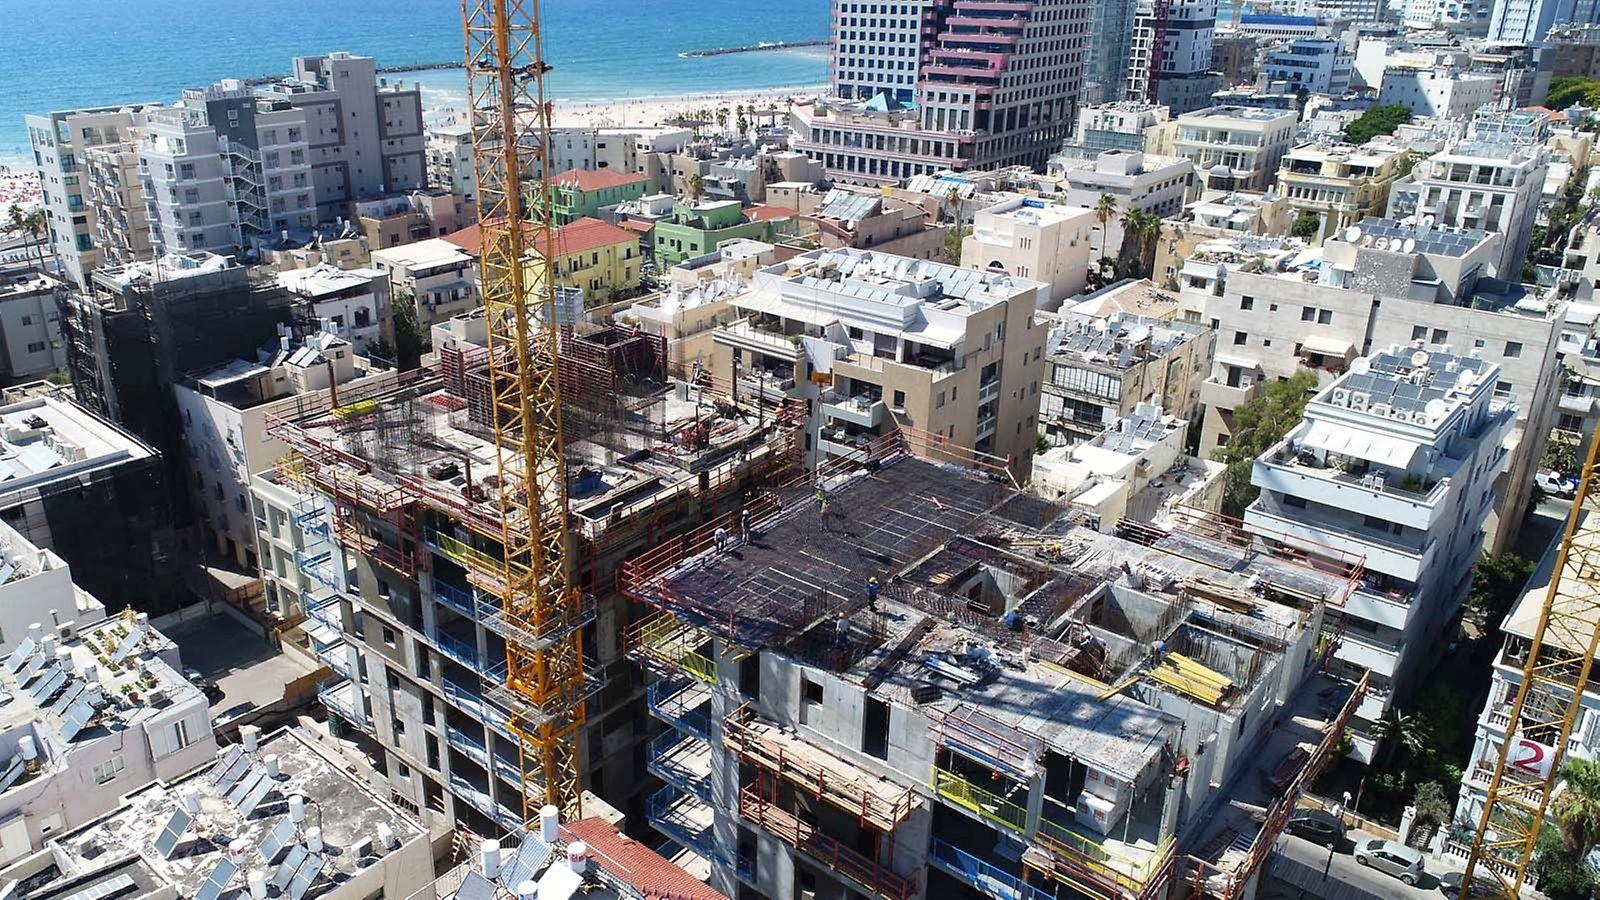 שני בנייני דירות יוקרה בסמוך לחוף ימה של תל אביב. סביבה אורבנית צפופה המחייבת שיטות ביצוע ברמת בטיחות גבוהה לסביבת האתר.